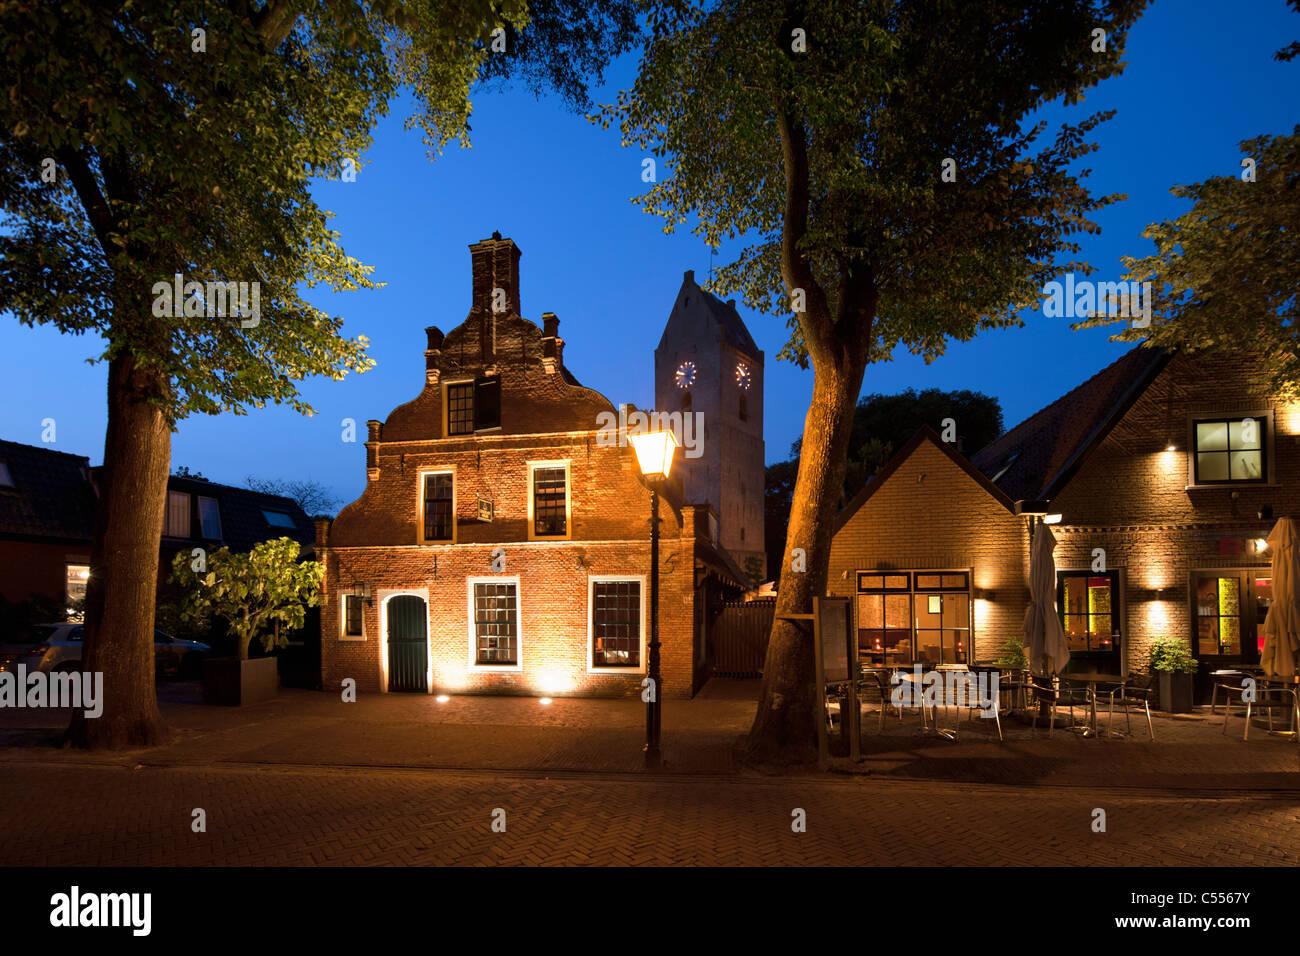 Les Pays-Bas, l'île d'Ameland, Buren, appartenant aux îles de la mer des Wadden. Maison de l'ancien Photo Stock